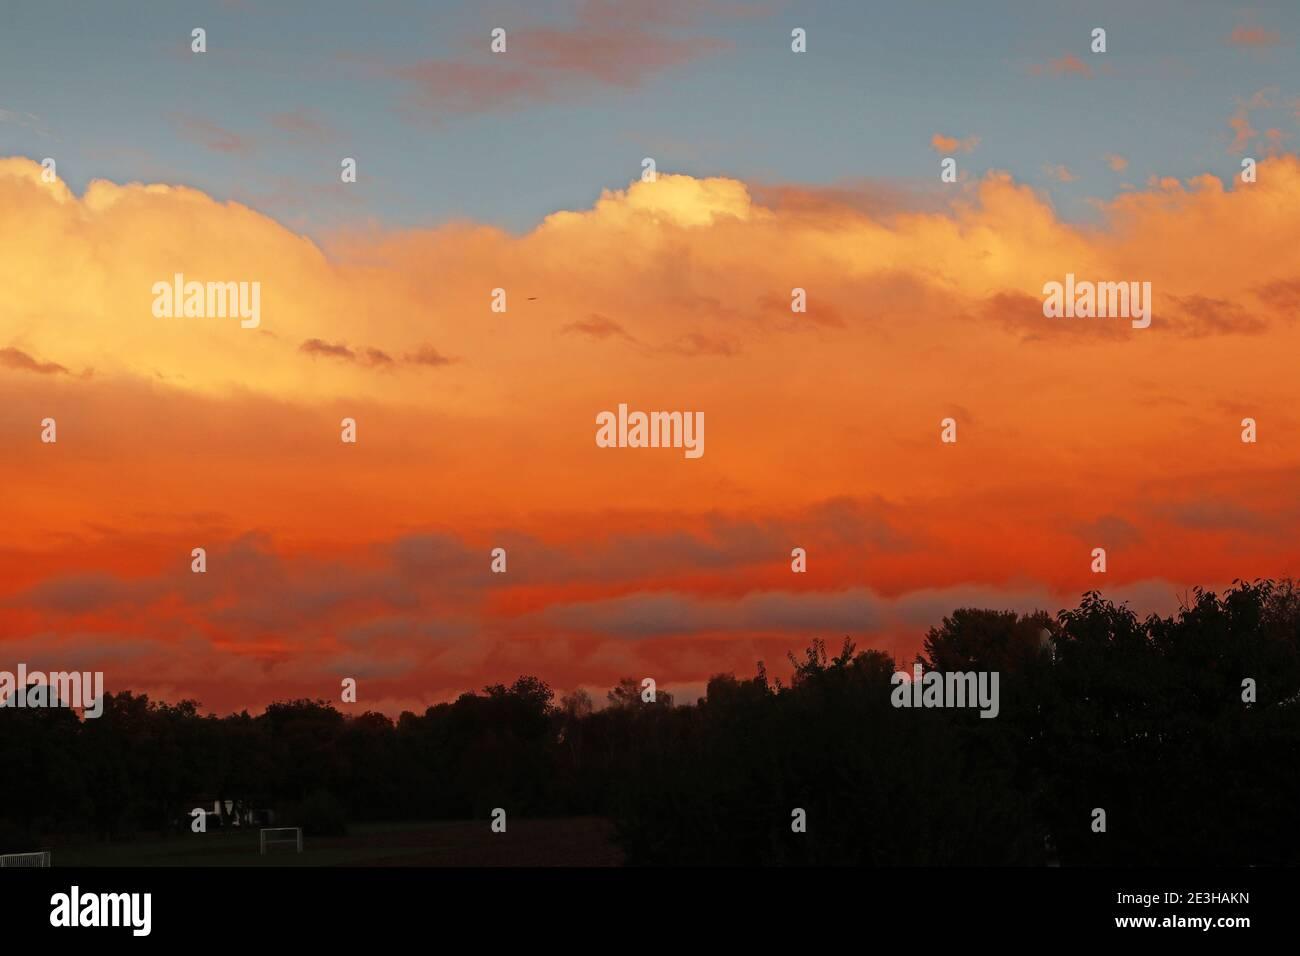 Coucher de soleil majestueux avec des nuages rouges dans le ciel et silhouettes d'arbre sous Banque D'Images